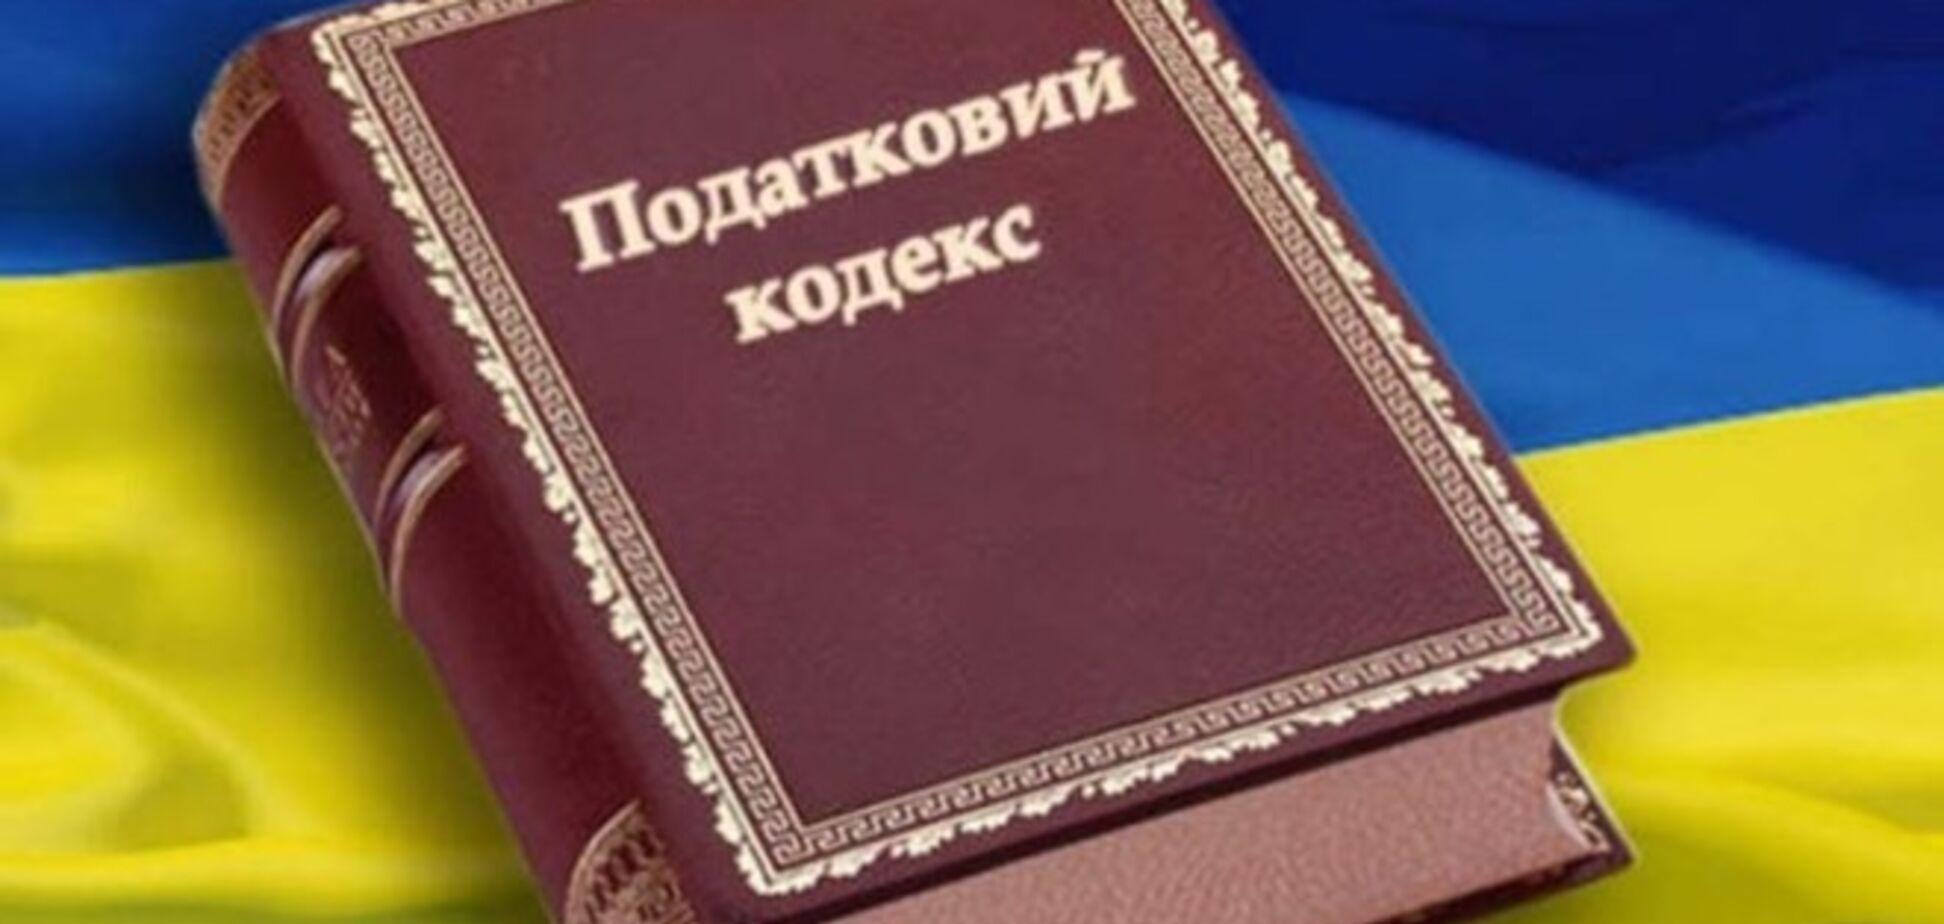 Обнародованы изменения от Кабмина в Налоговый кодекс Украины